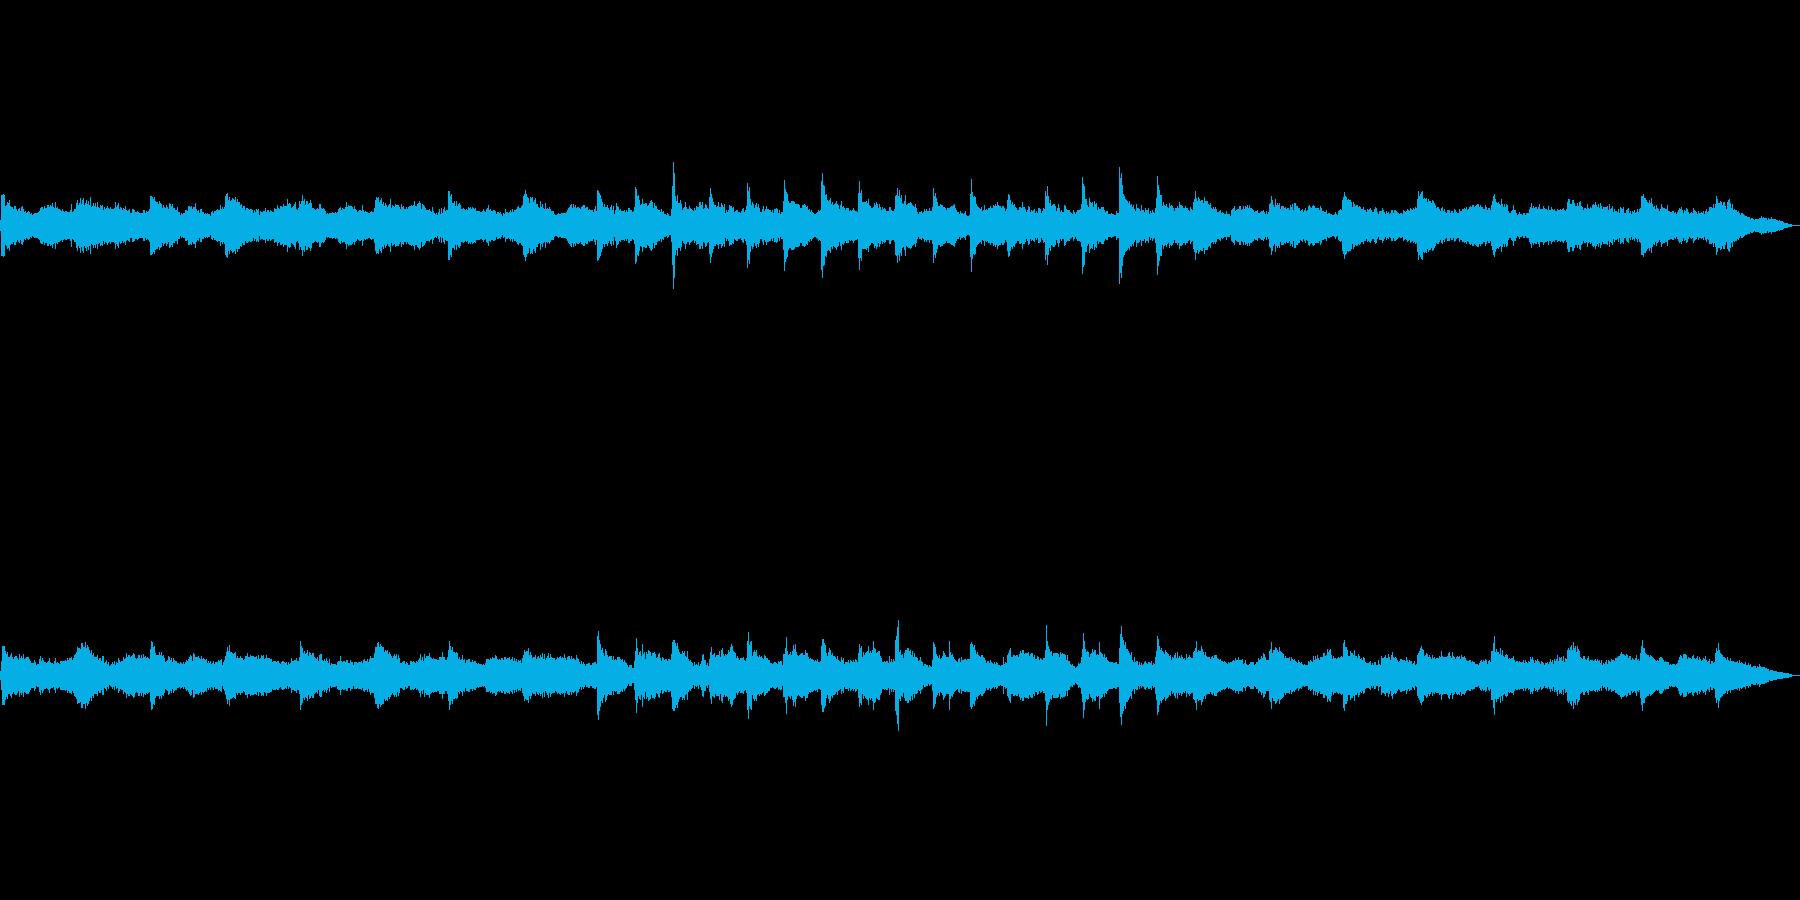 神秘な宇宙空間をただようイメージの曲の再生済みの波形